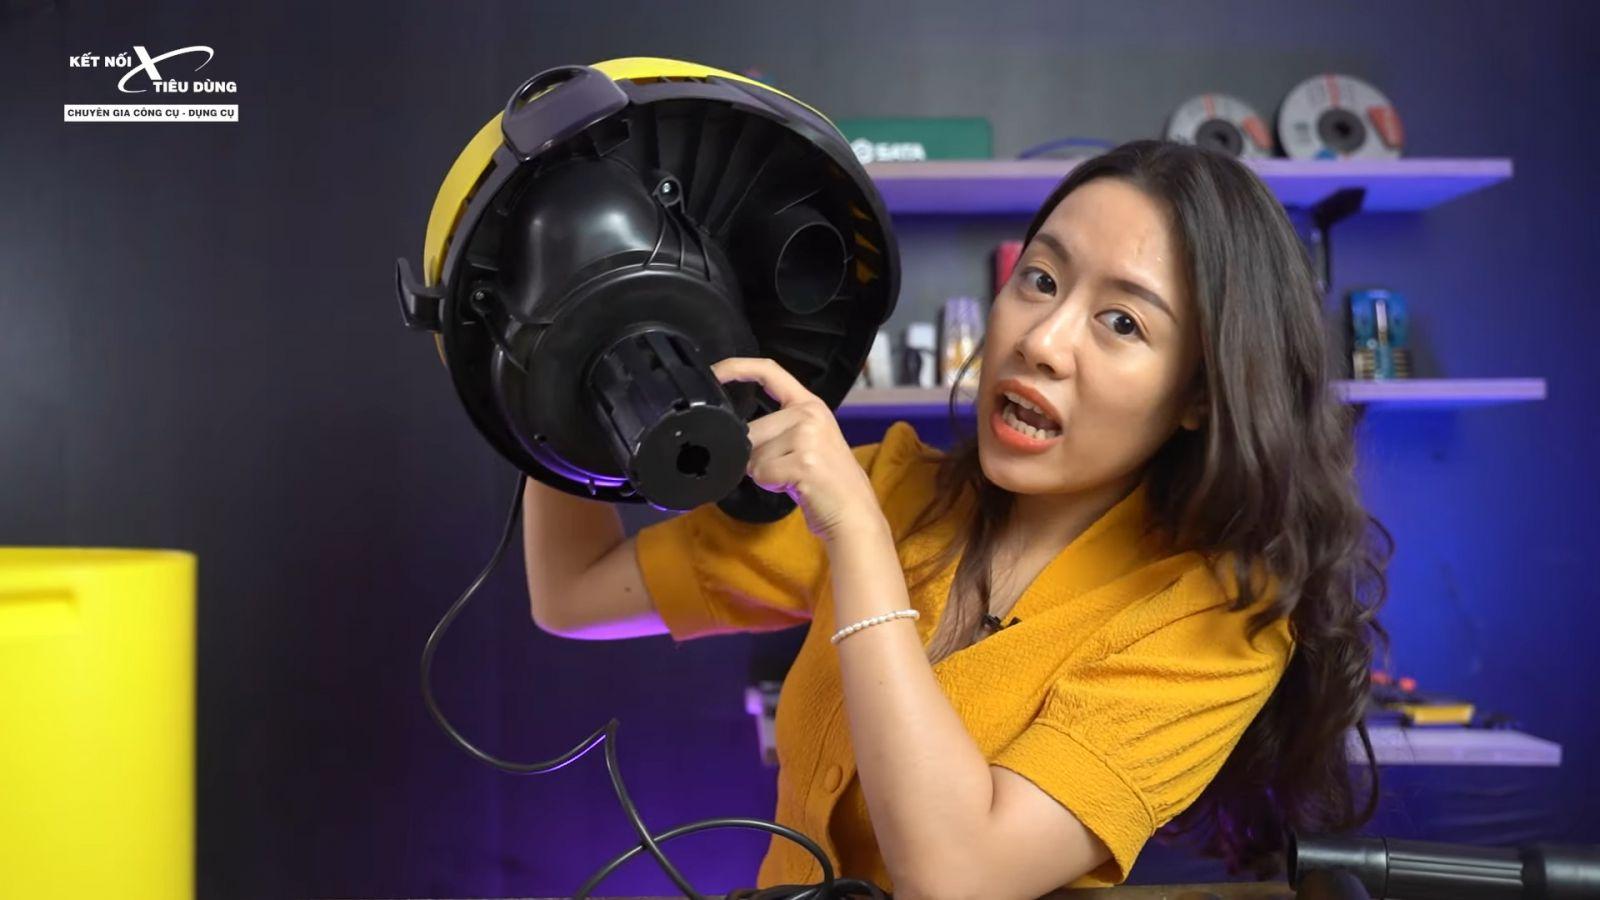 Review máy hút bụi khô và ướt cao cấp Karcher WD2 xịn sò, chuẩn công nghiệp - máy hút bụi đạt tiêu chuẩn an toàn IPX5